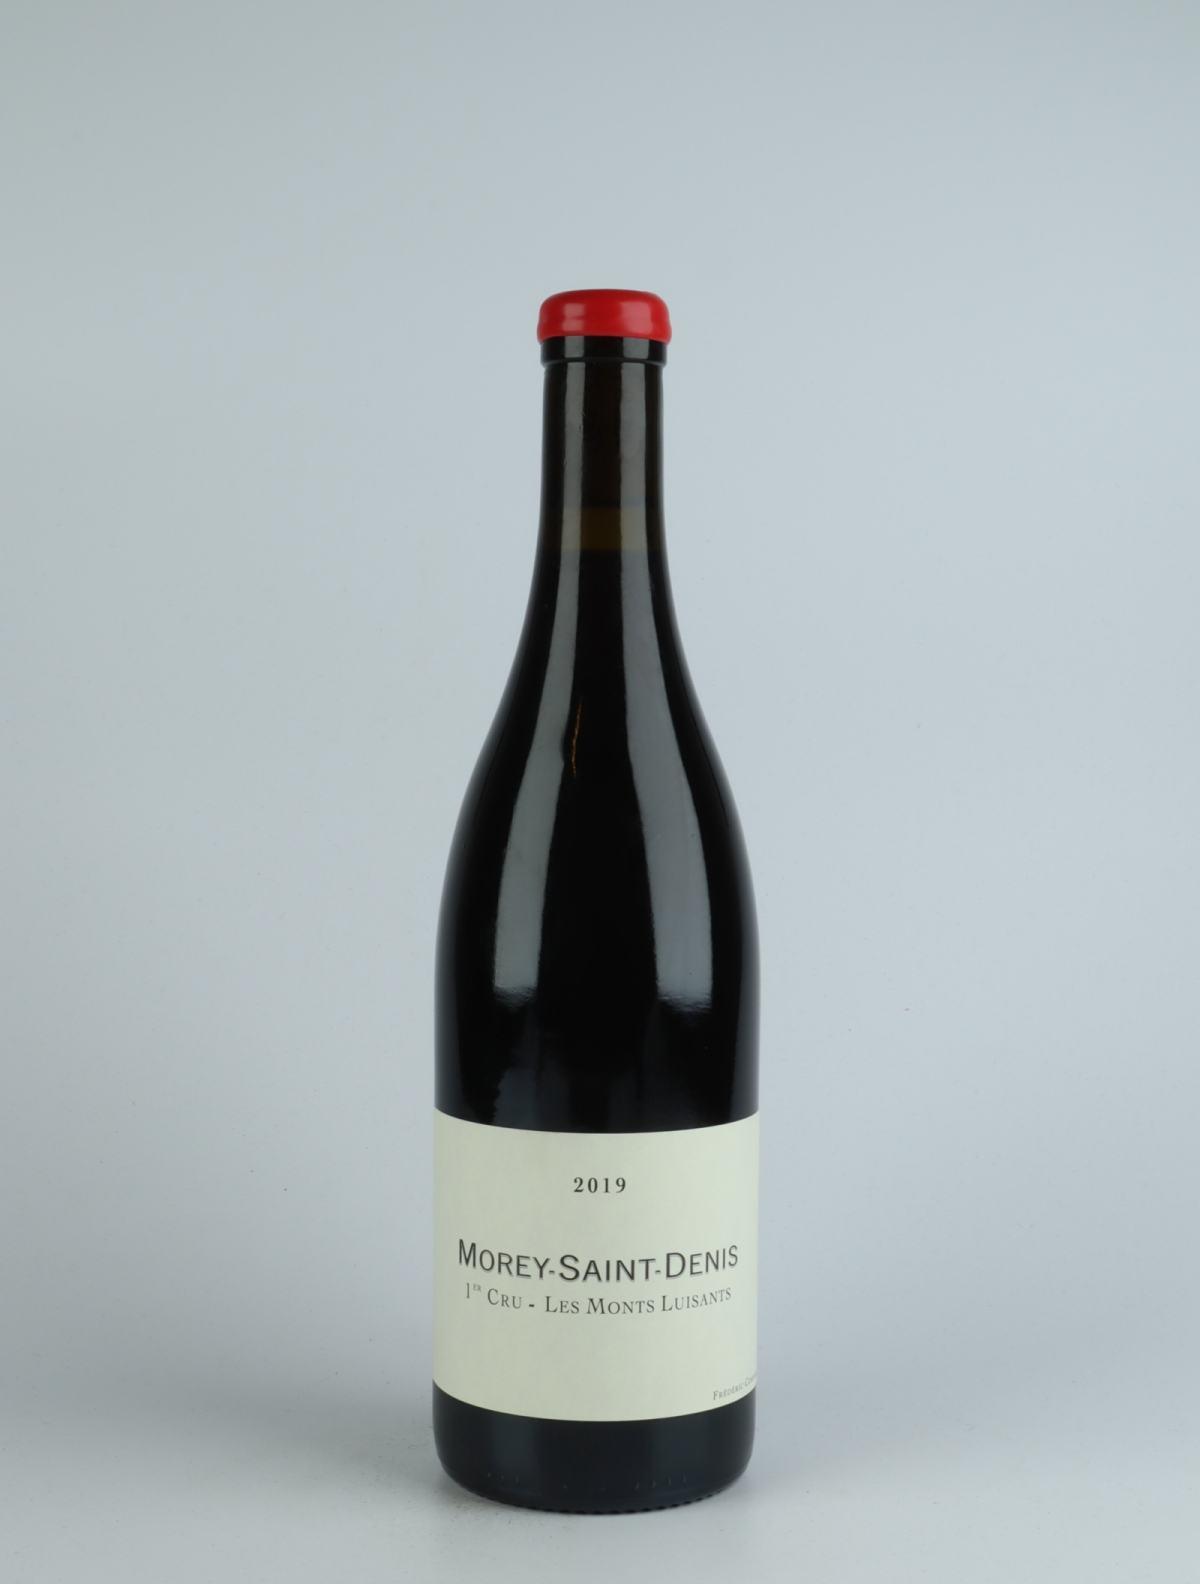 Morey Saint Denis 1. Cru - Les Monts Luisants